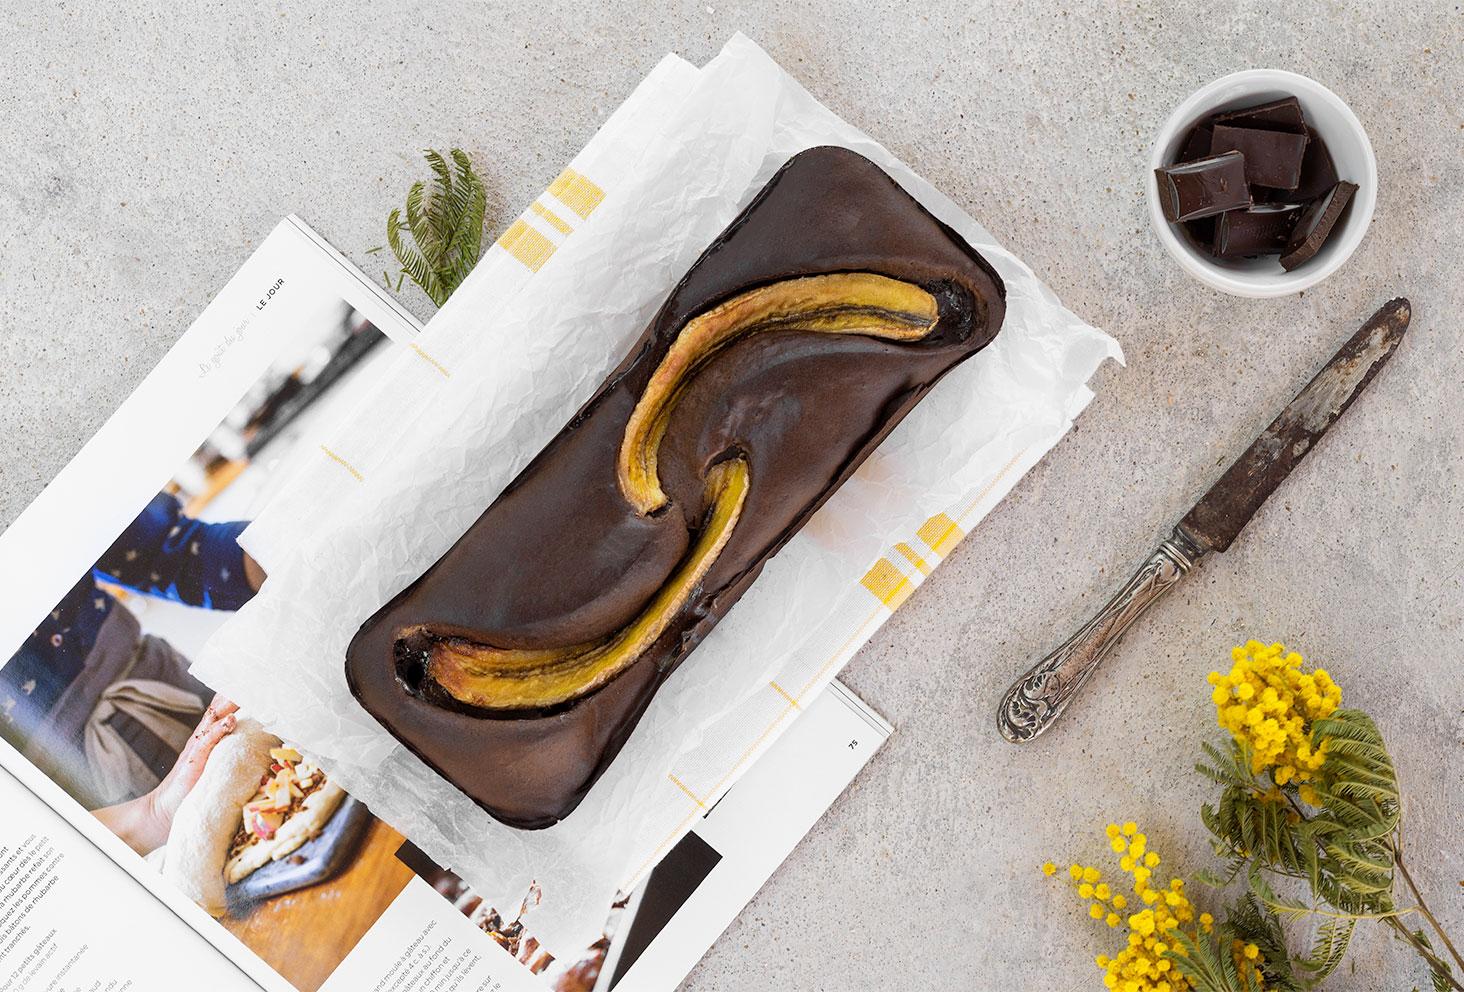 Un banana bread protéiné au chocolat avec la poudre Fit Chocolate, posé sur un torchon jaune et blanc, à côté de fleurs jaunes et d'un magazine ouvert